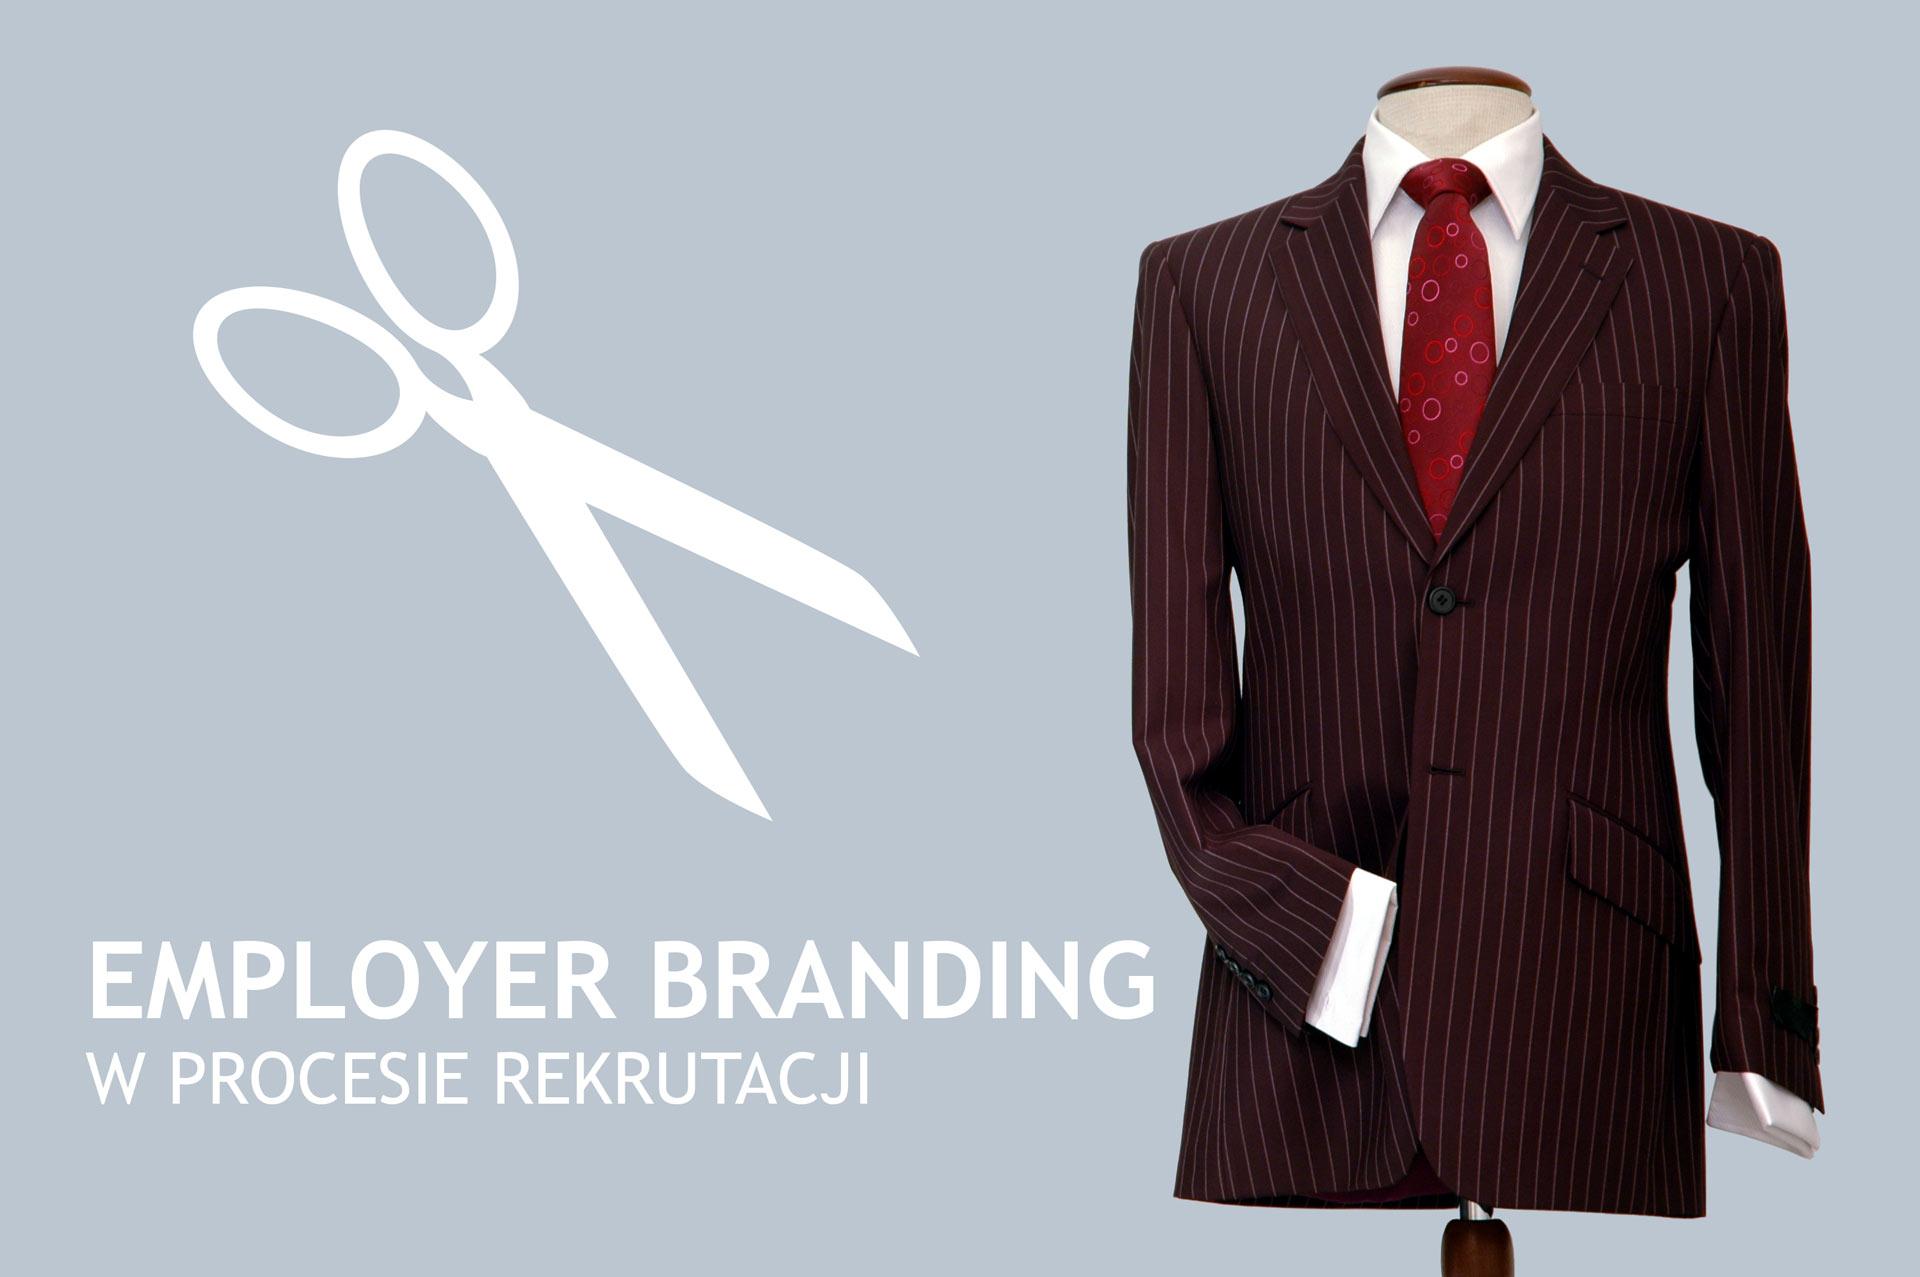 Szkolenie employer branding w procesie rekrutacji